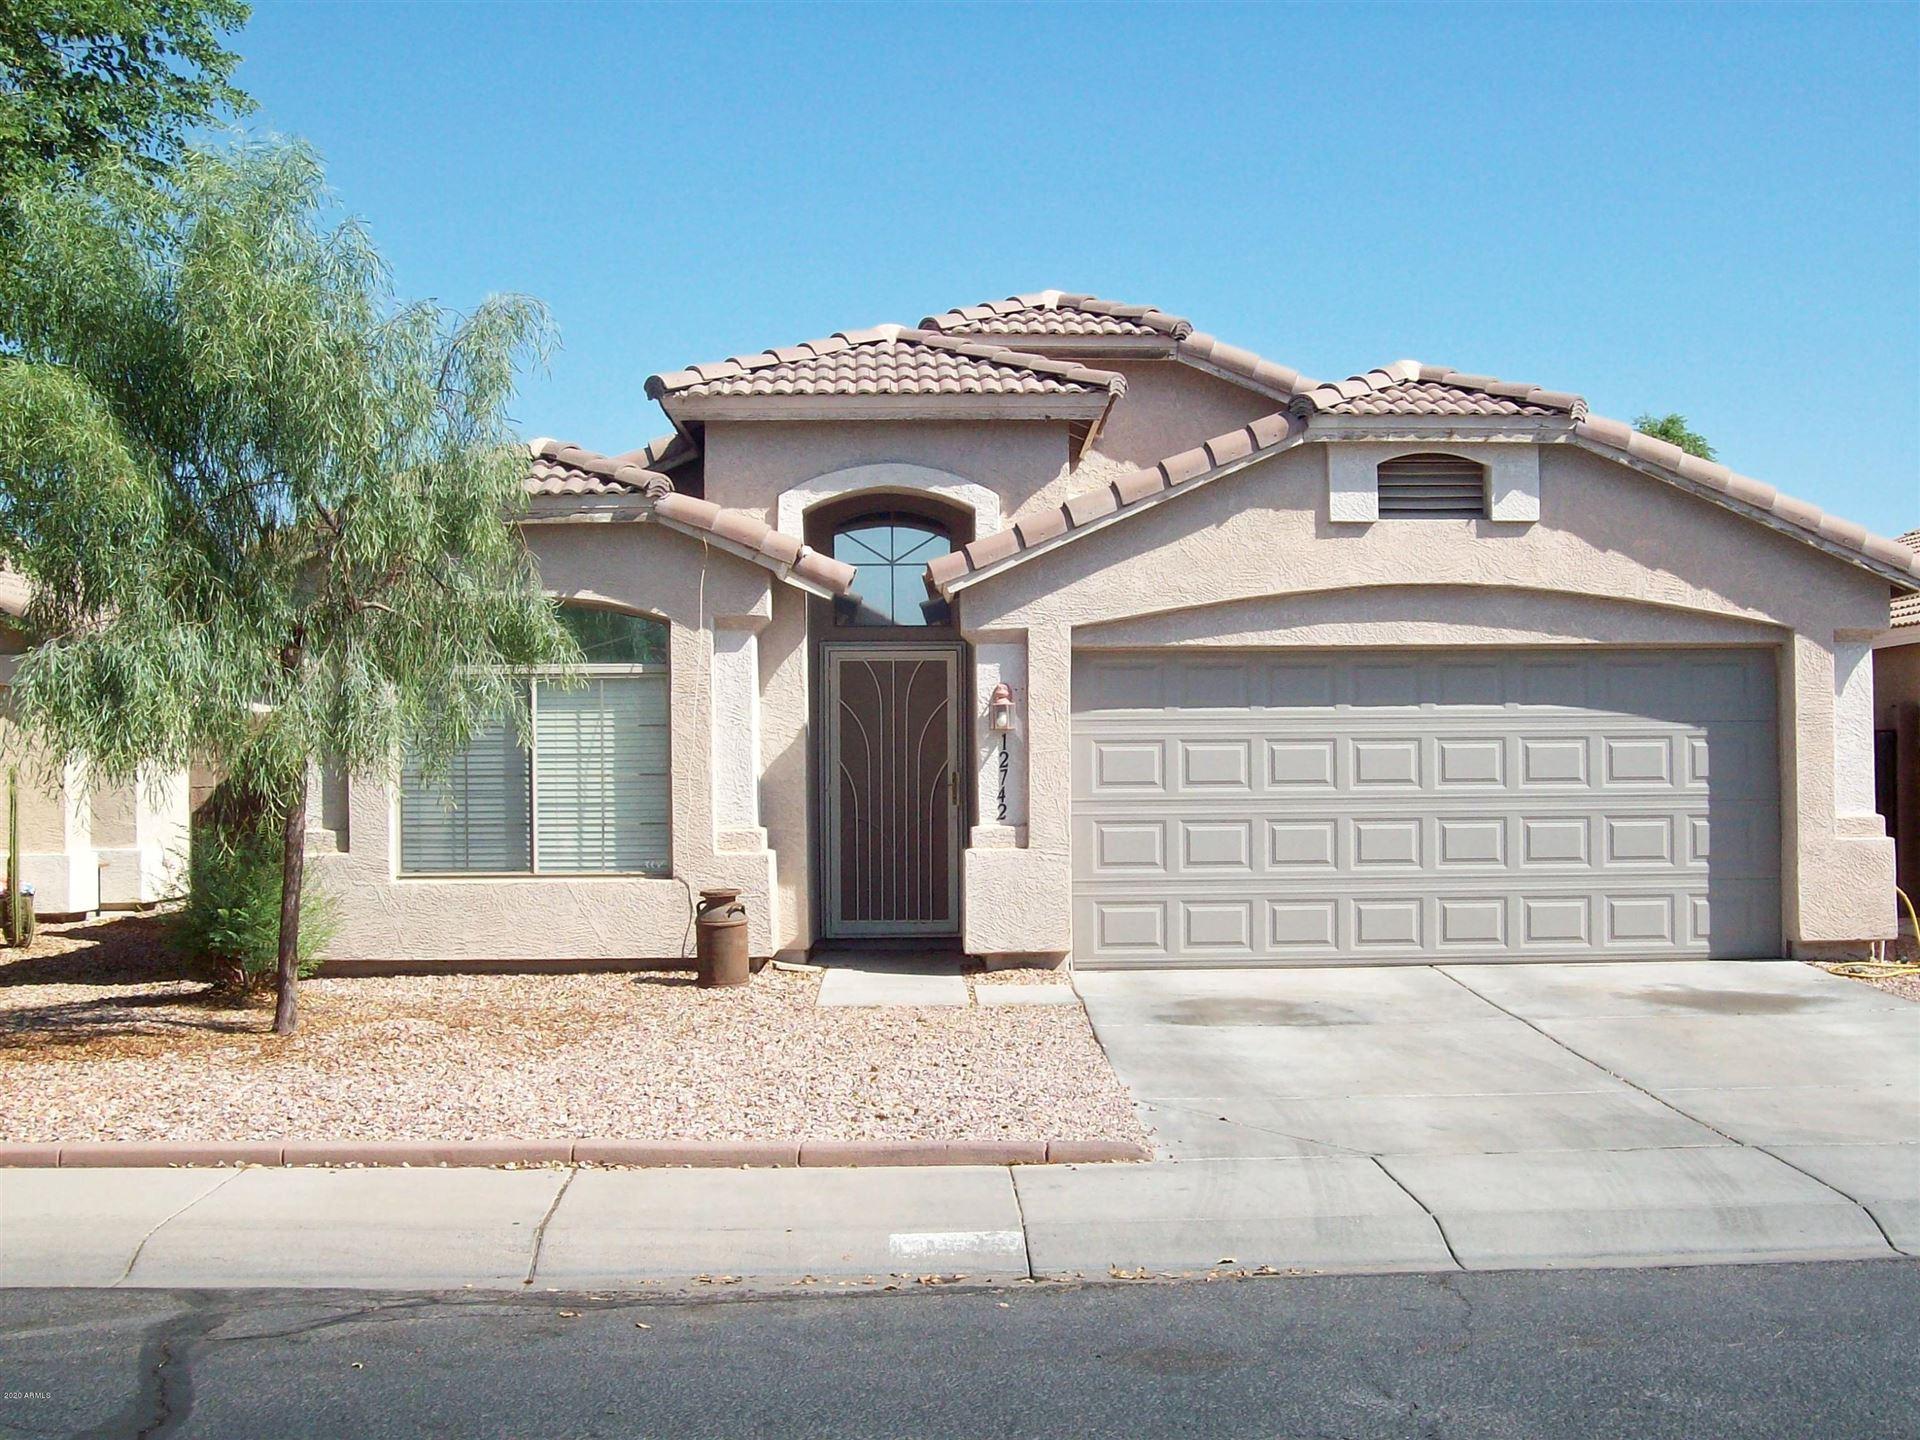 12742 W WILLOW Avenue, El Mirage, AZ 85335 - MLS#: 6125047